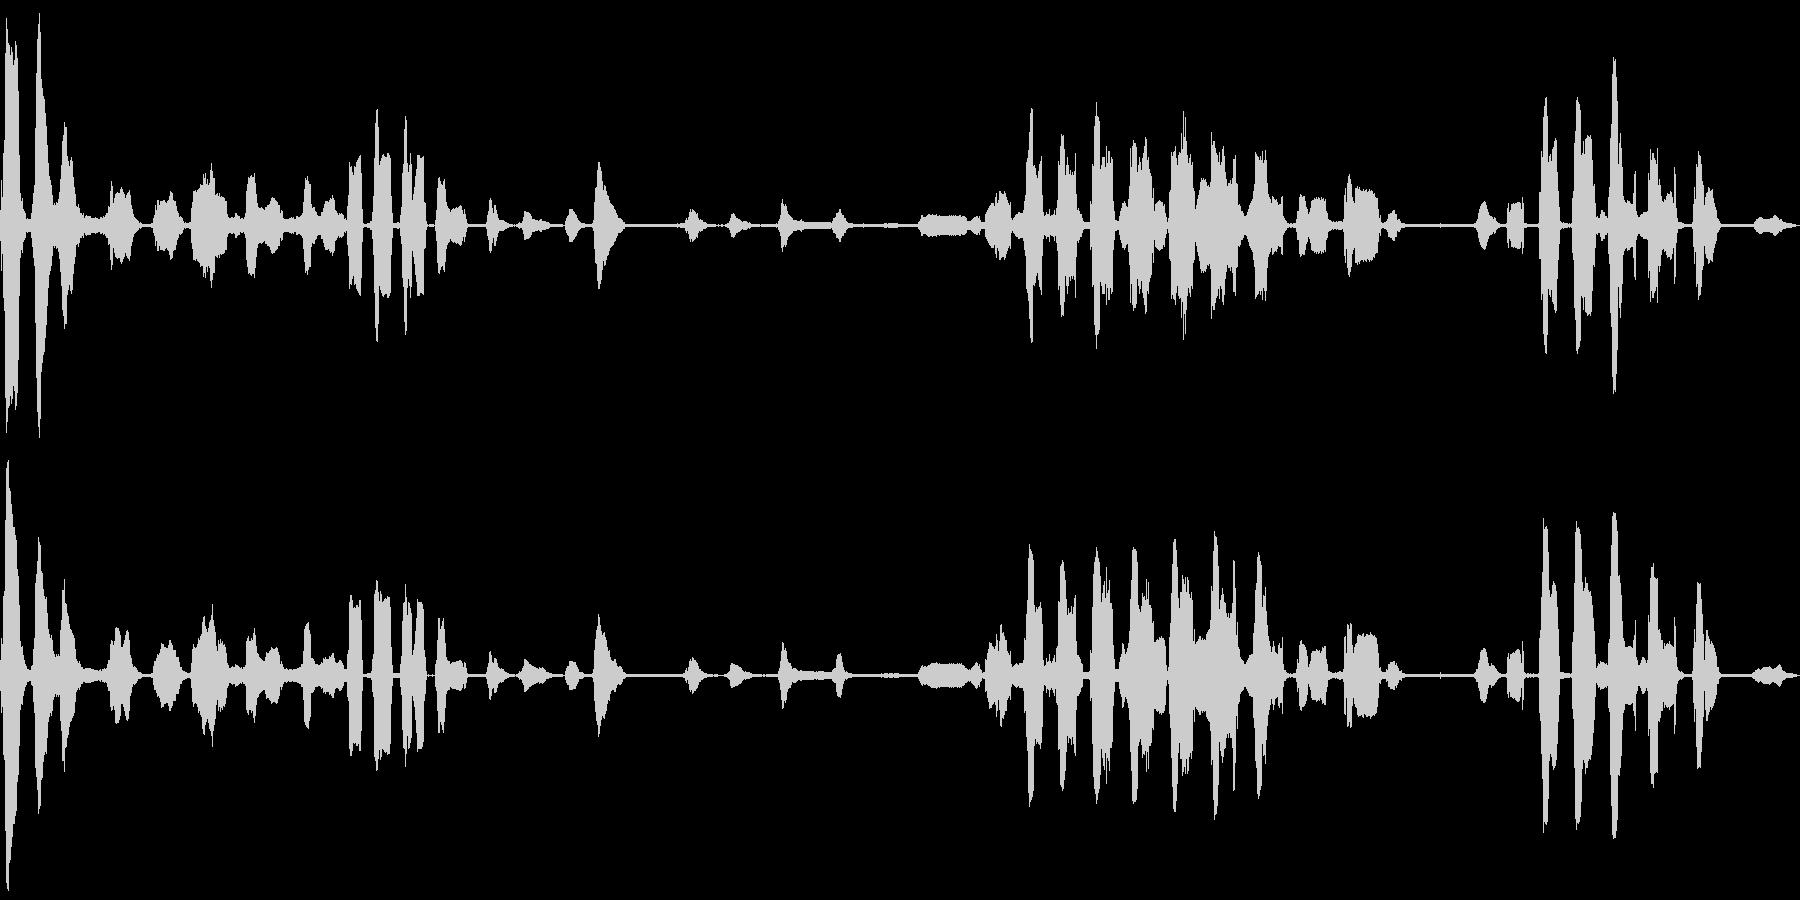 ウミネコの鳴き声(ミャアミャア)の未再生の波形